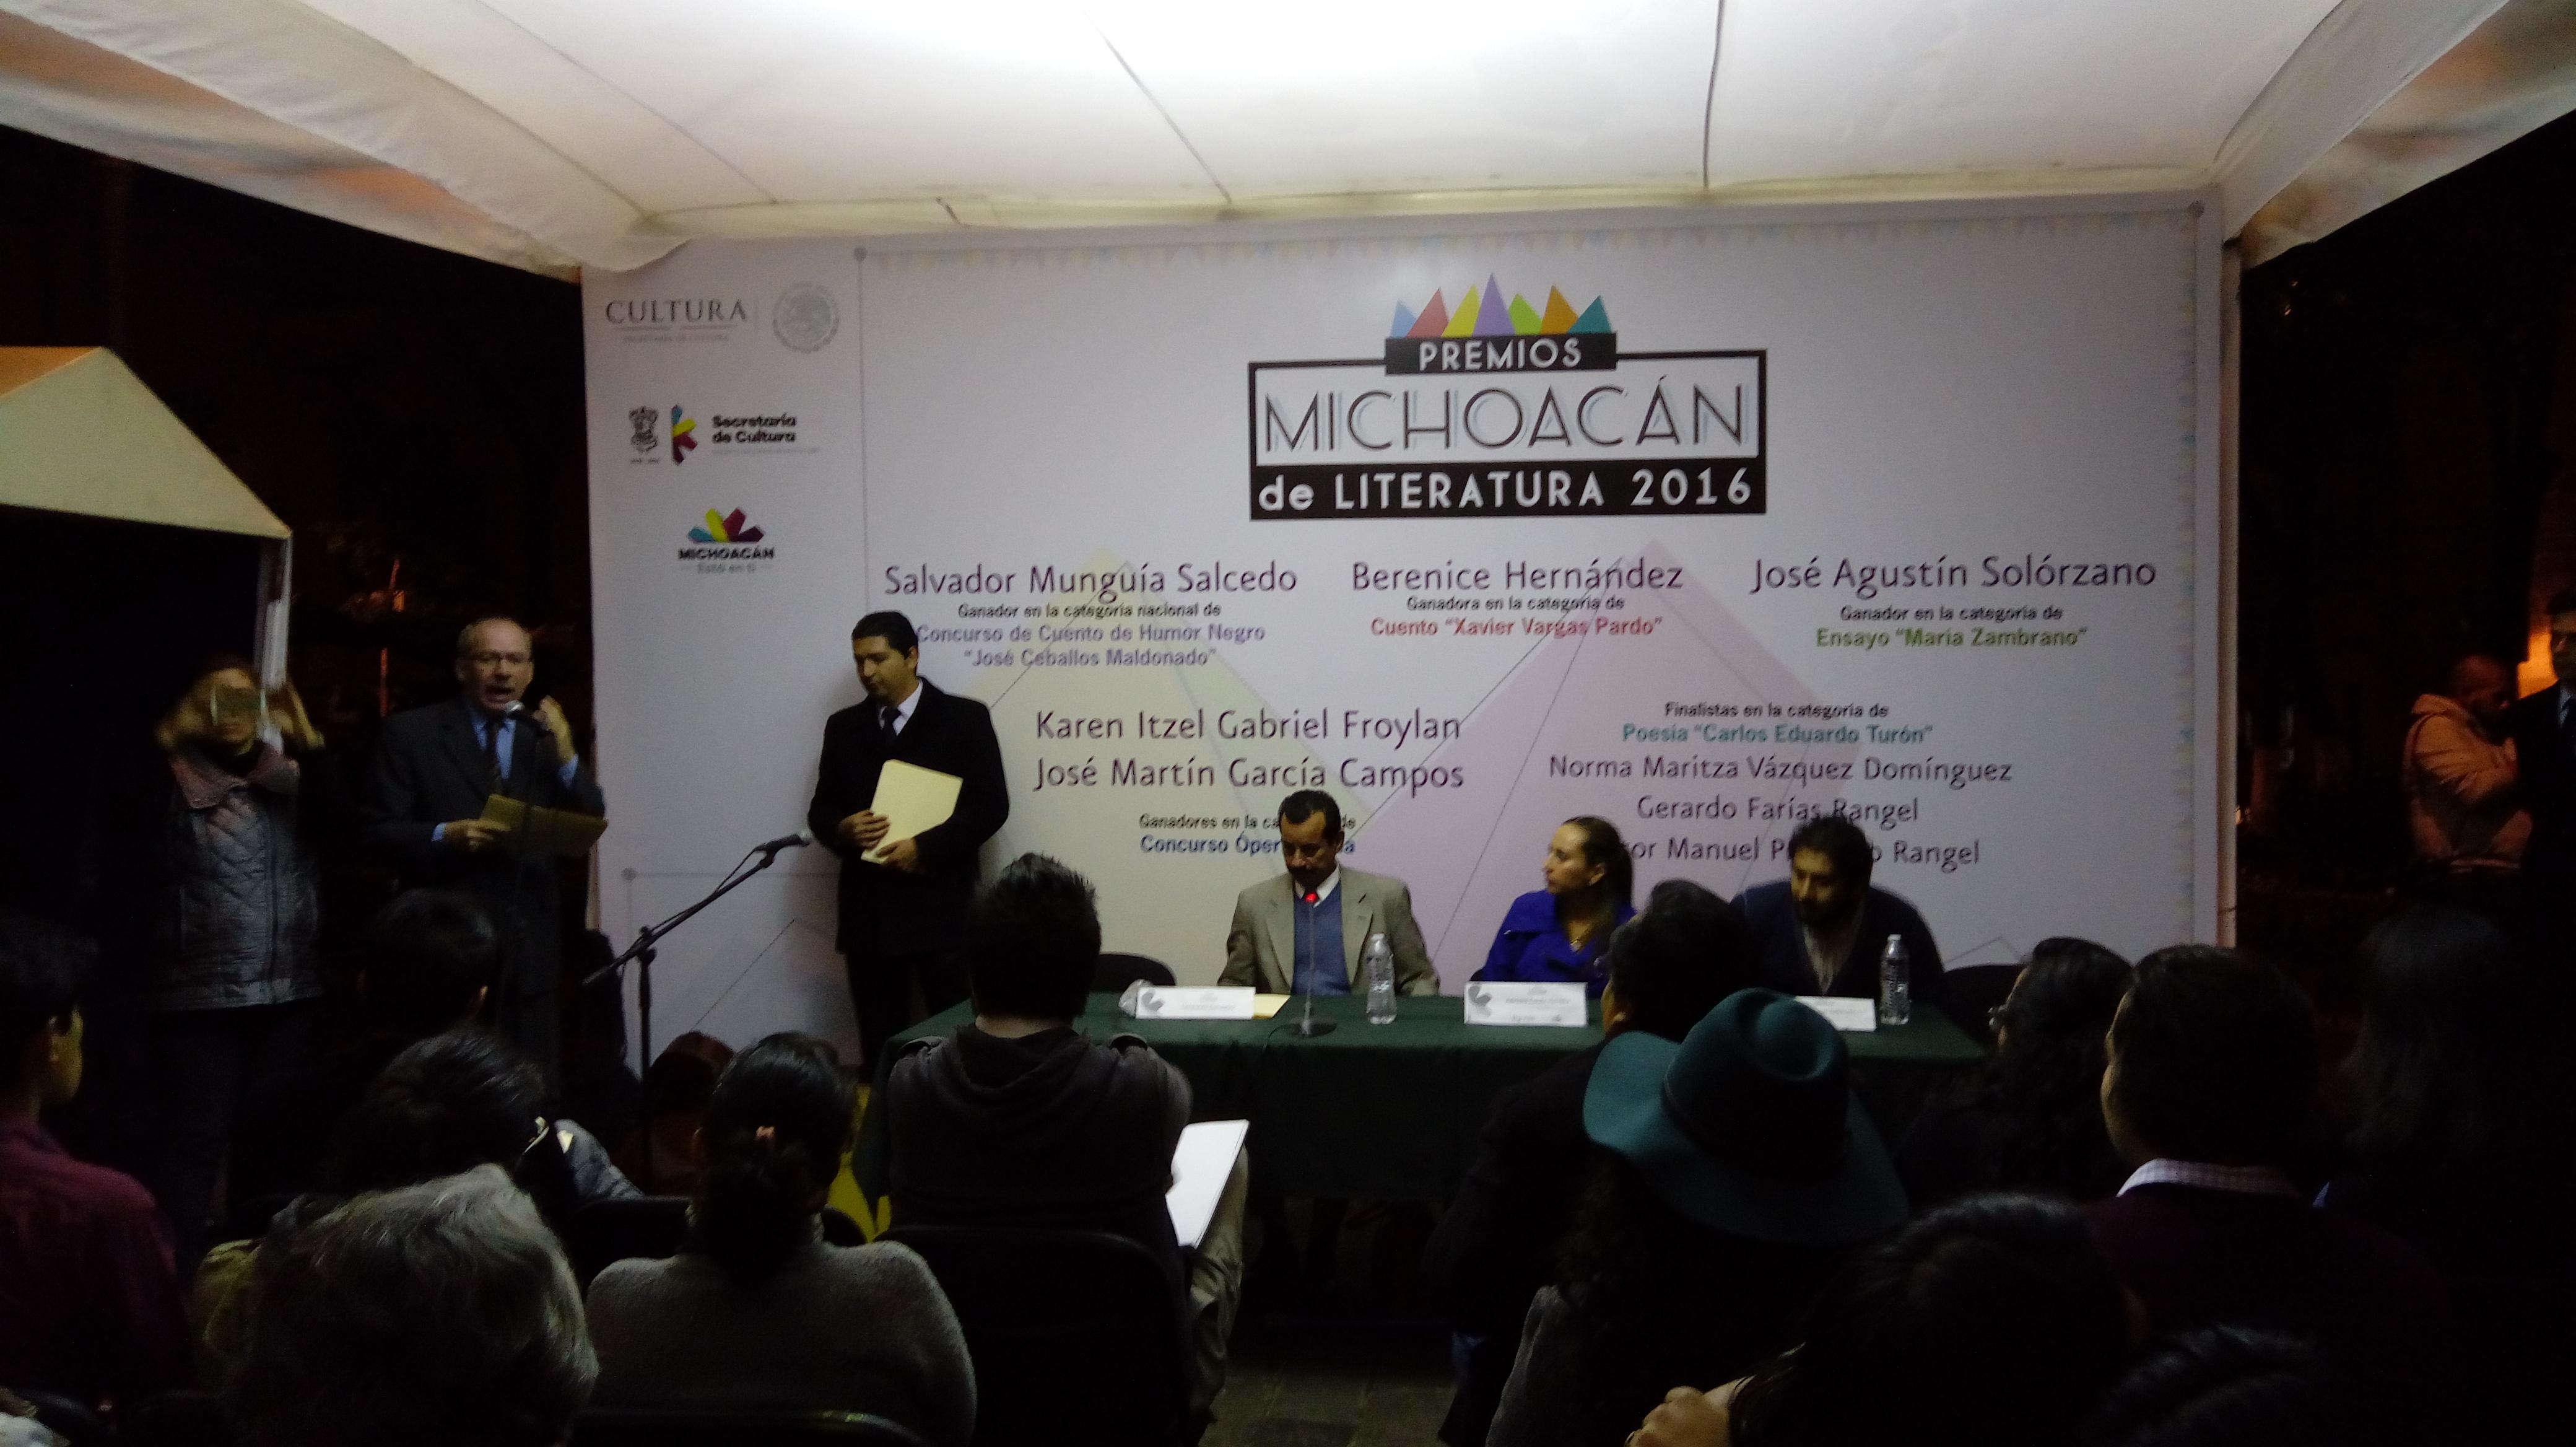 Fueron entregados los Premios de Literatura Michoacán 2016